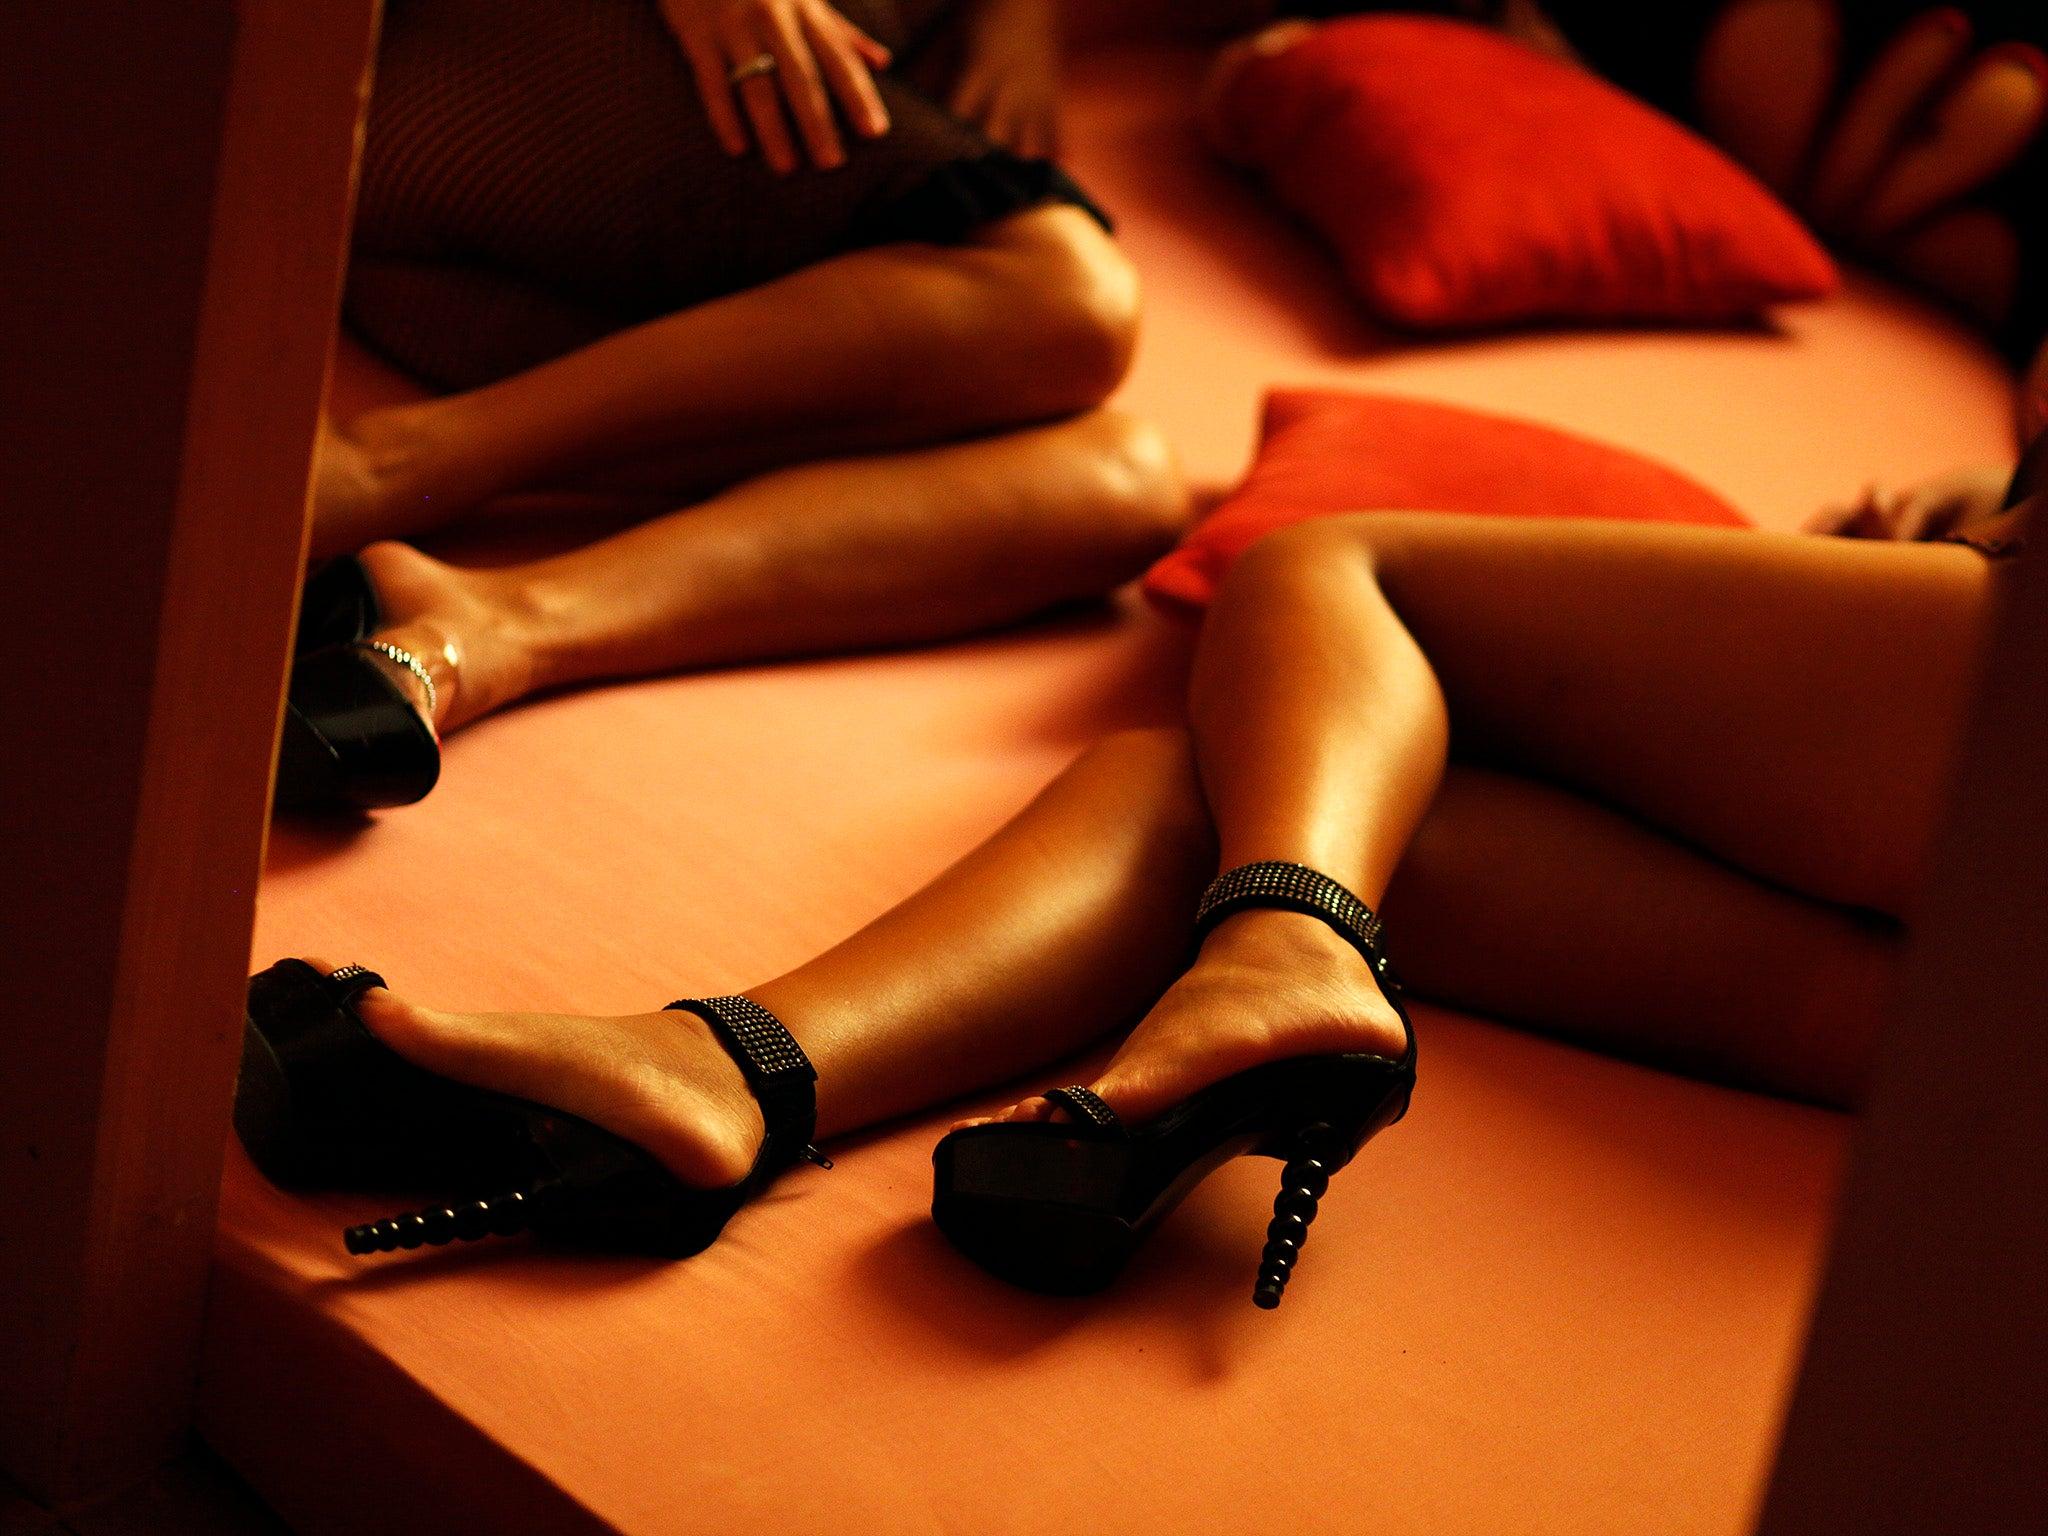 Проституток проституция фото